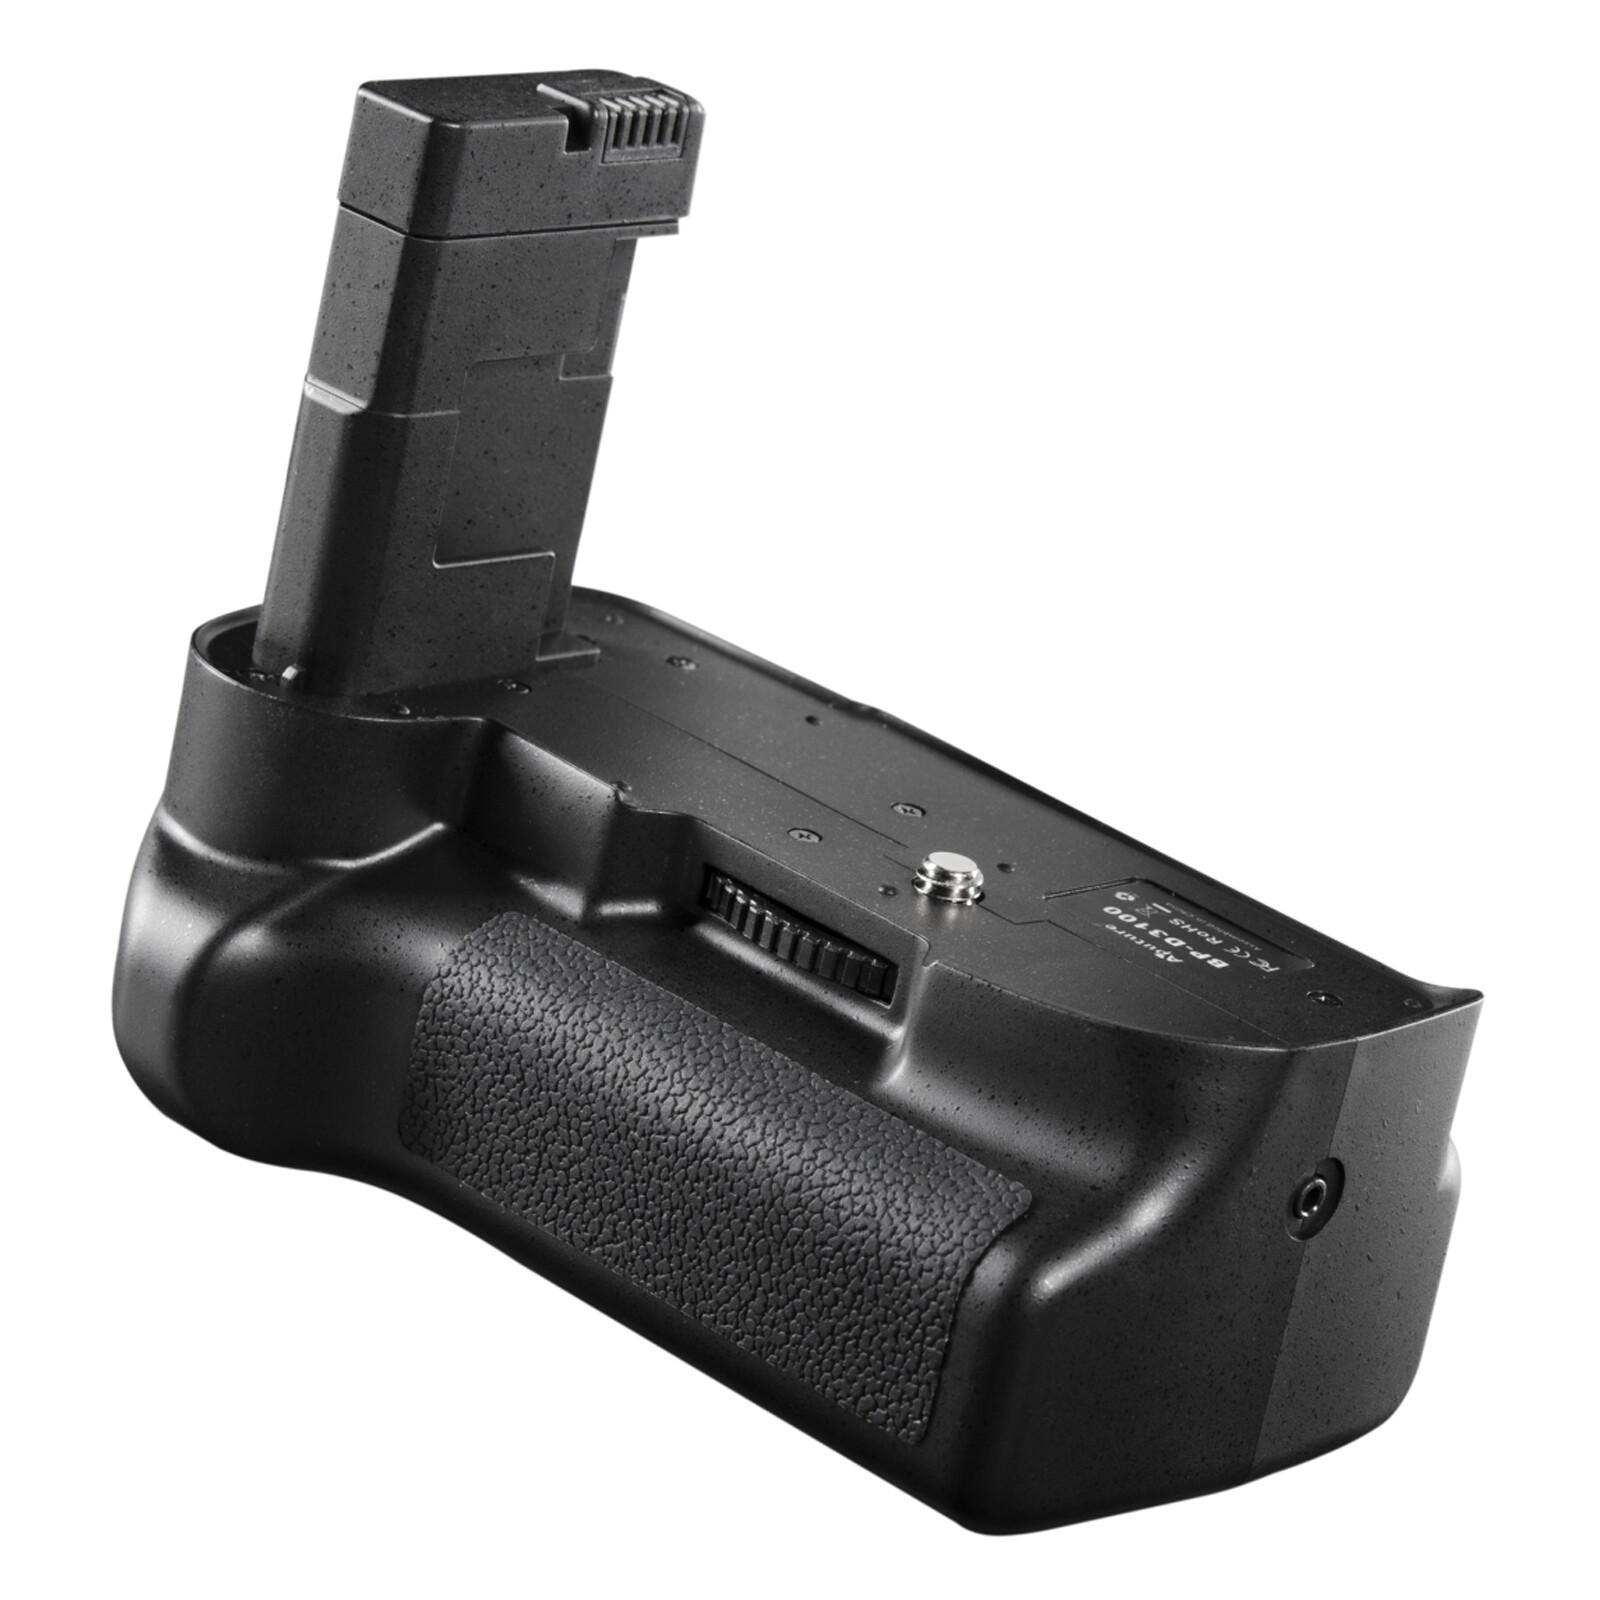 Aputure Batteriegriff BP-D3100 Nikon D3100